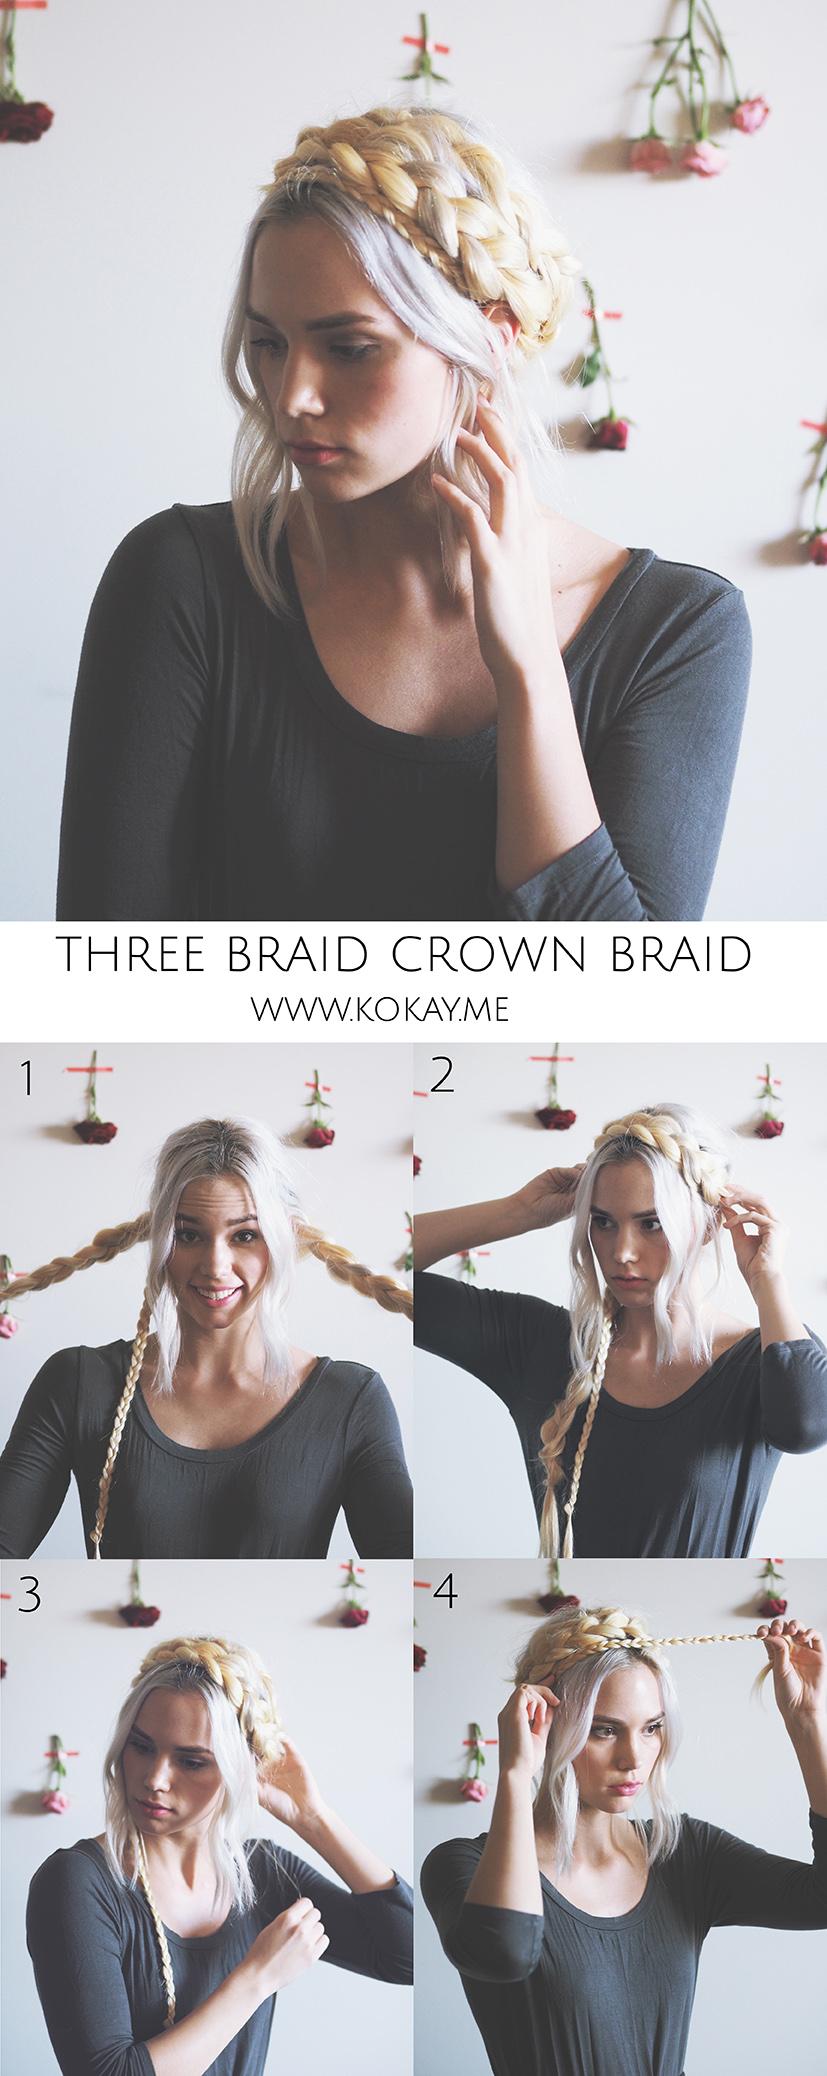 Crown braid tutorial